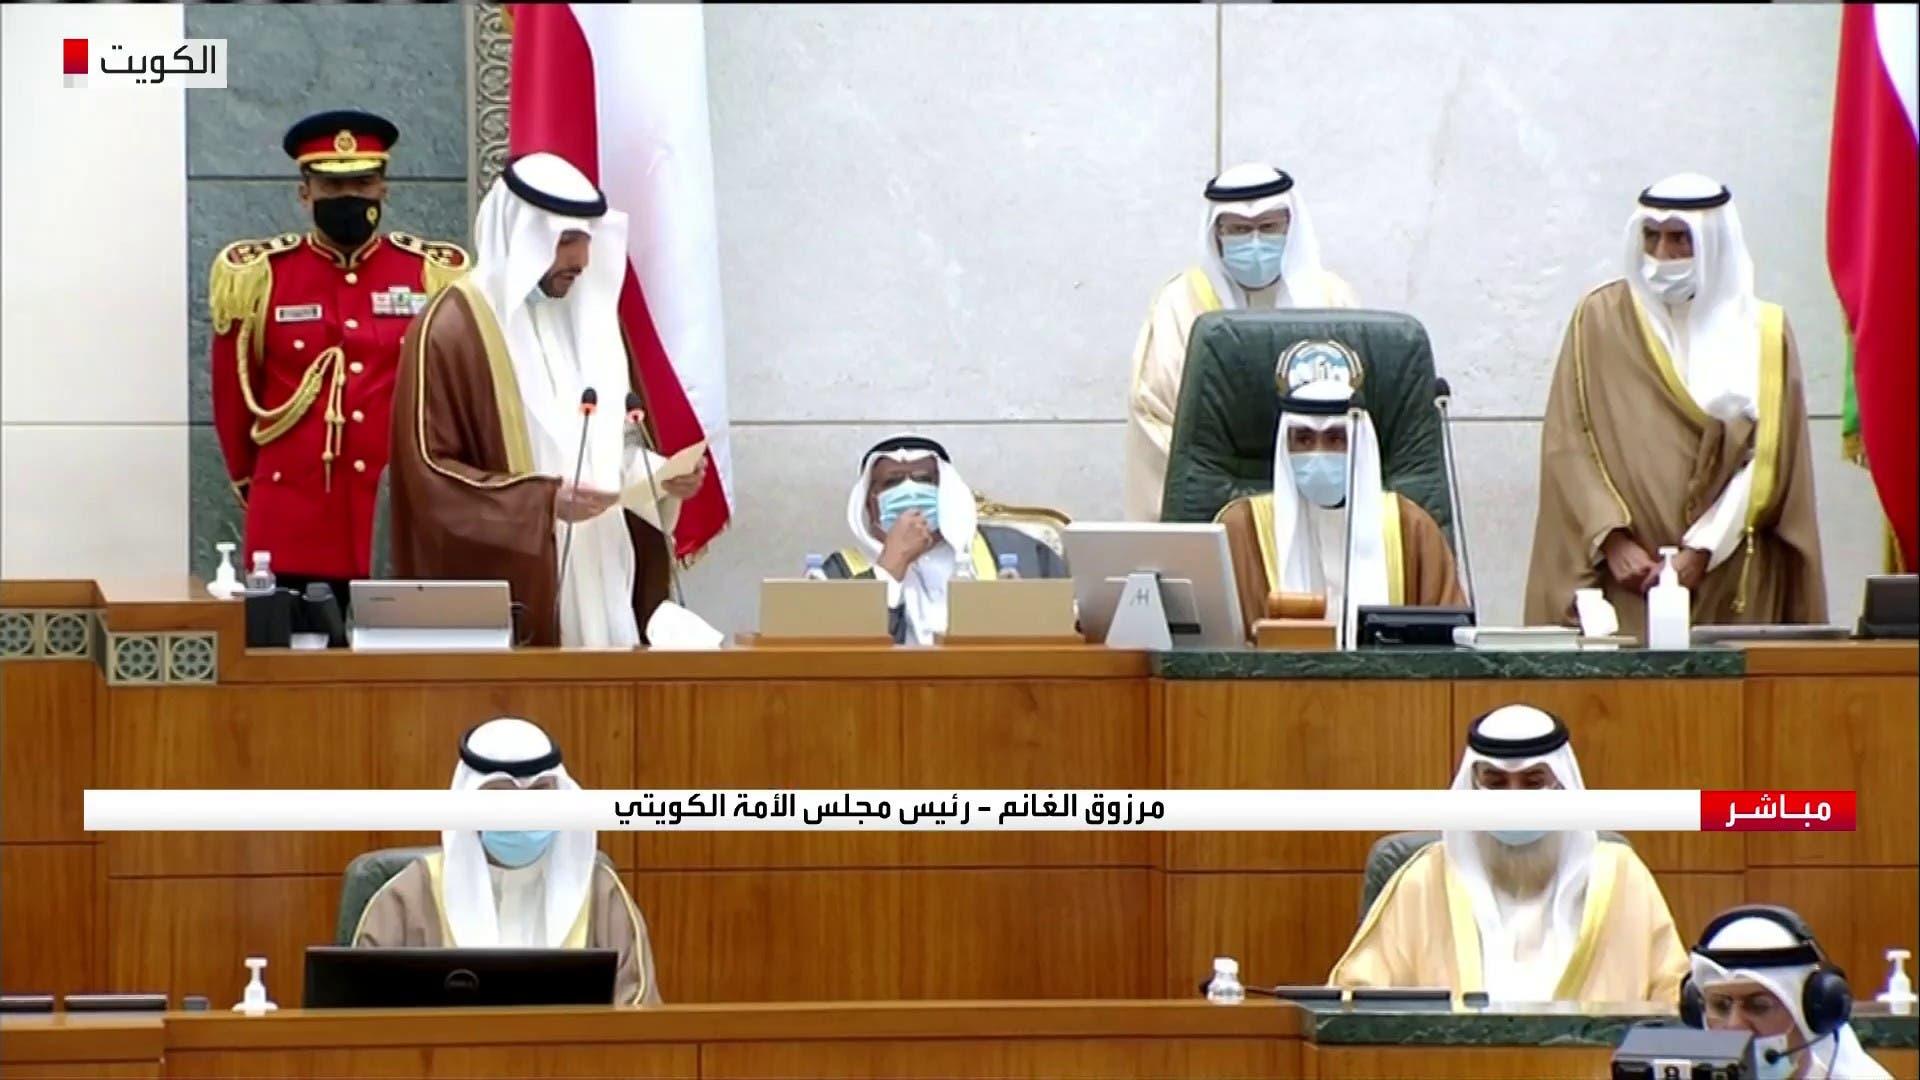 رئيس مجلس الأمة الكويتي يلقي كلمته أمام أمير البلاد